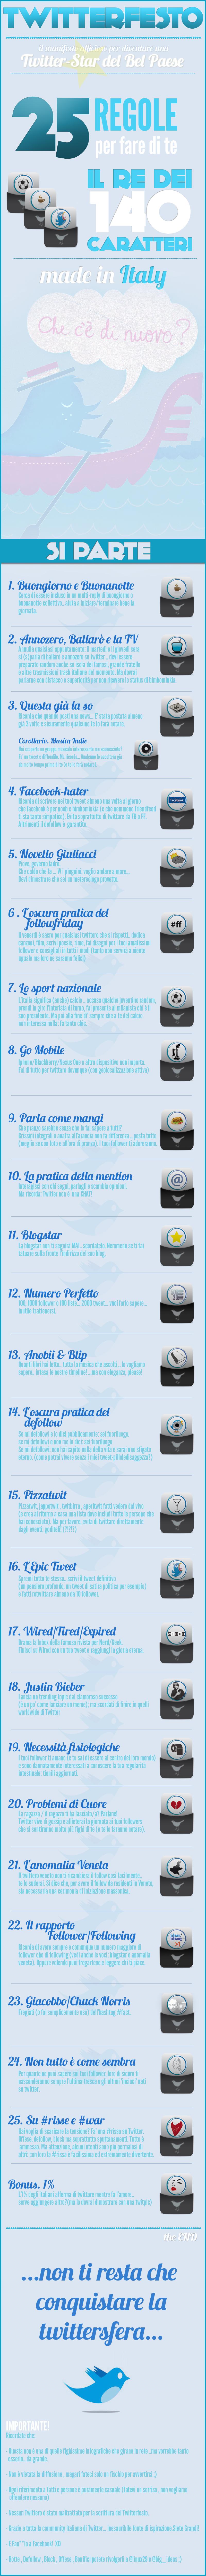 Twitter social media marketing Padova